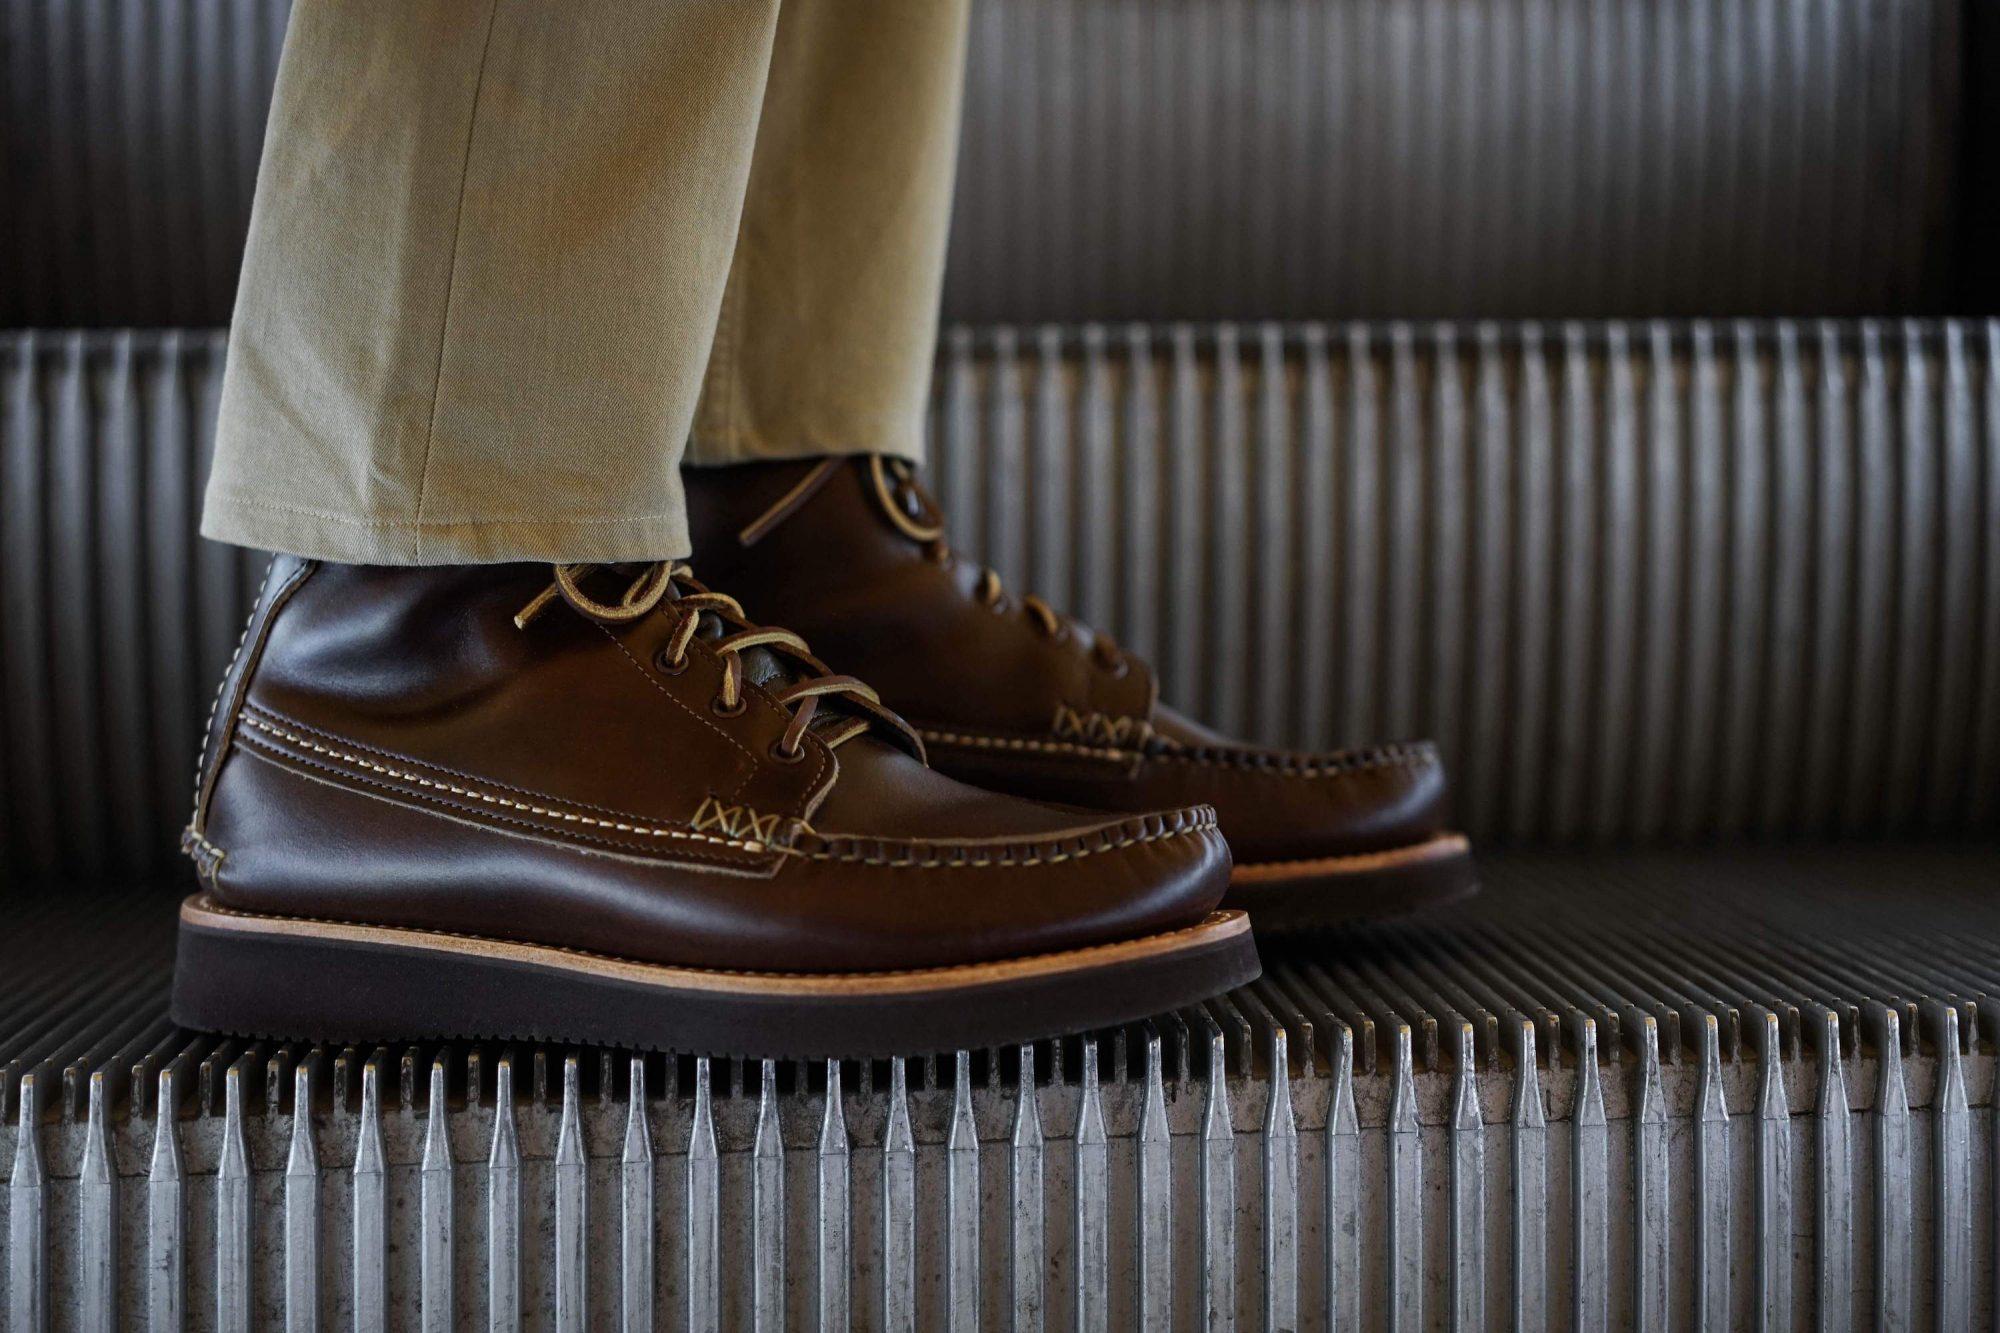 chaussure yuketen maine guide